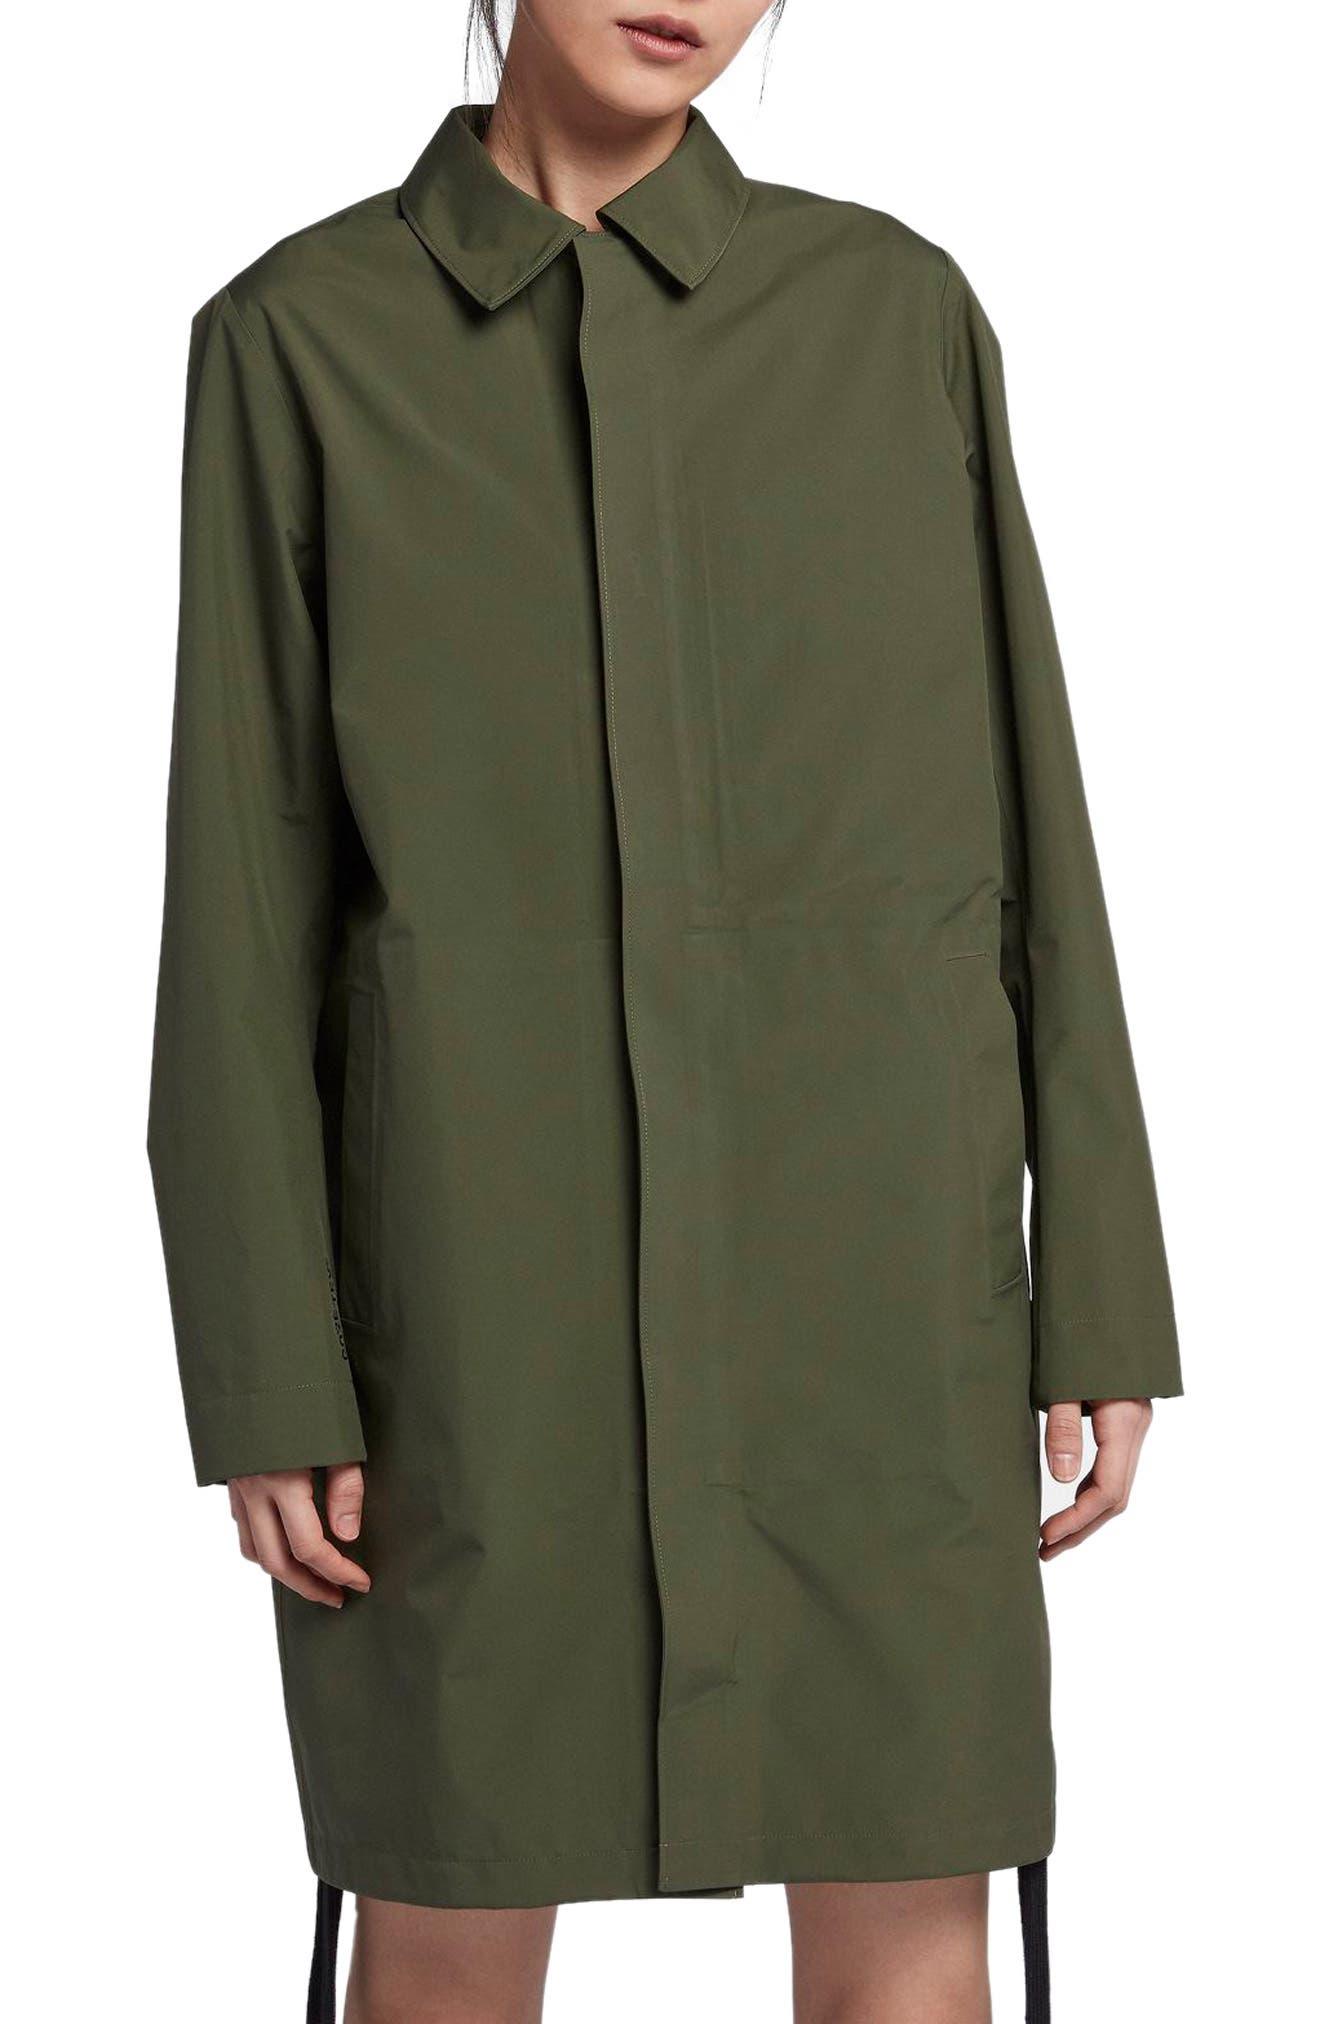 NikeLab x RT Women's Water Resistant Car Coat,                         Main,                         color, Surplus Green